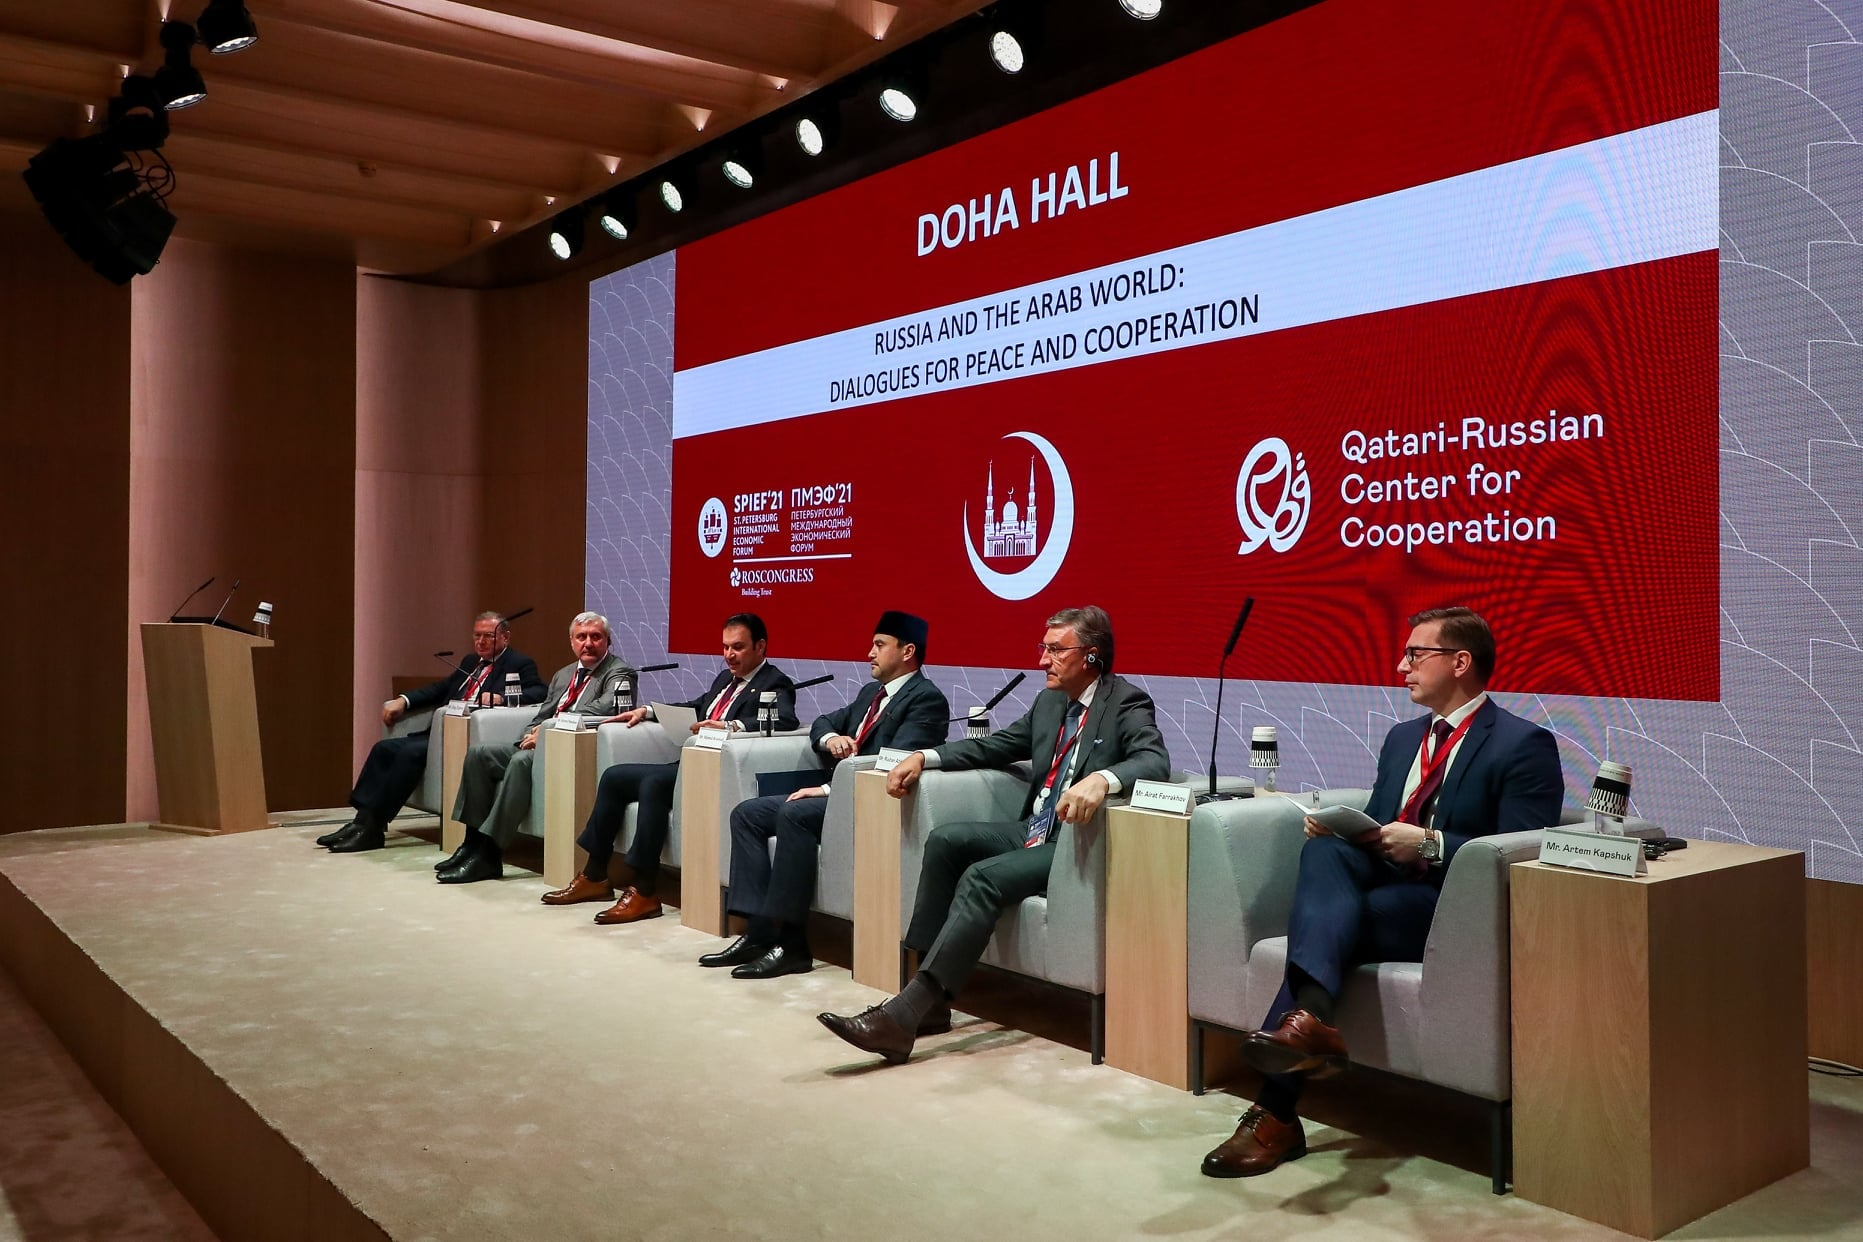 Впервые на ПМЭФ состоялась дискуссия «Россия и Арабский мир: диалог во имя мира и сотрудничества»